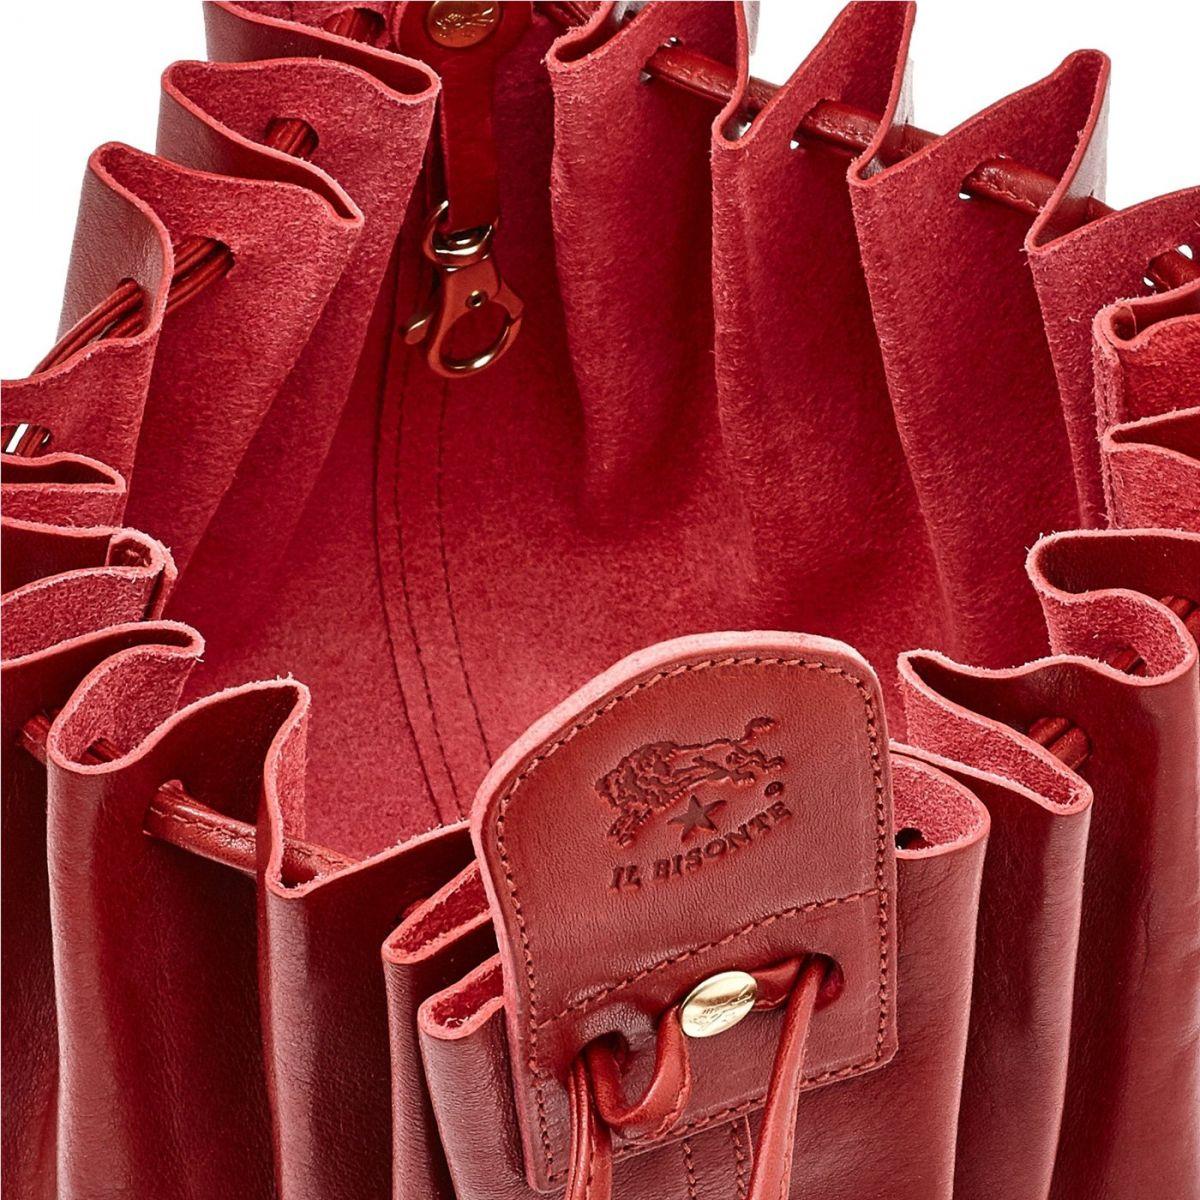 Sabrina - Sac Bandouliere pour Femme en Cuir De Vachette Doublé BCR002 couleur Rouge | Details